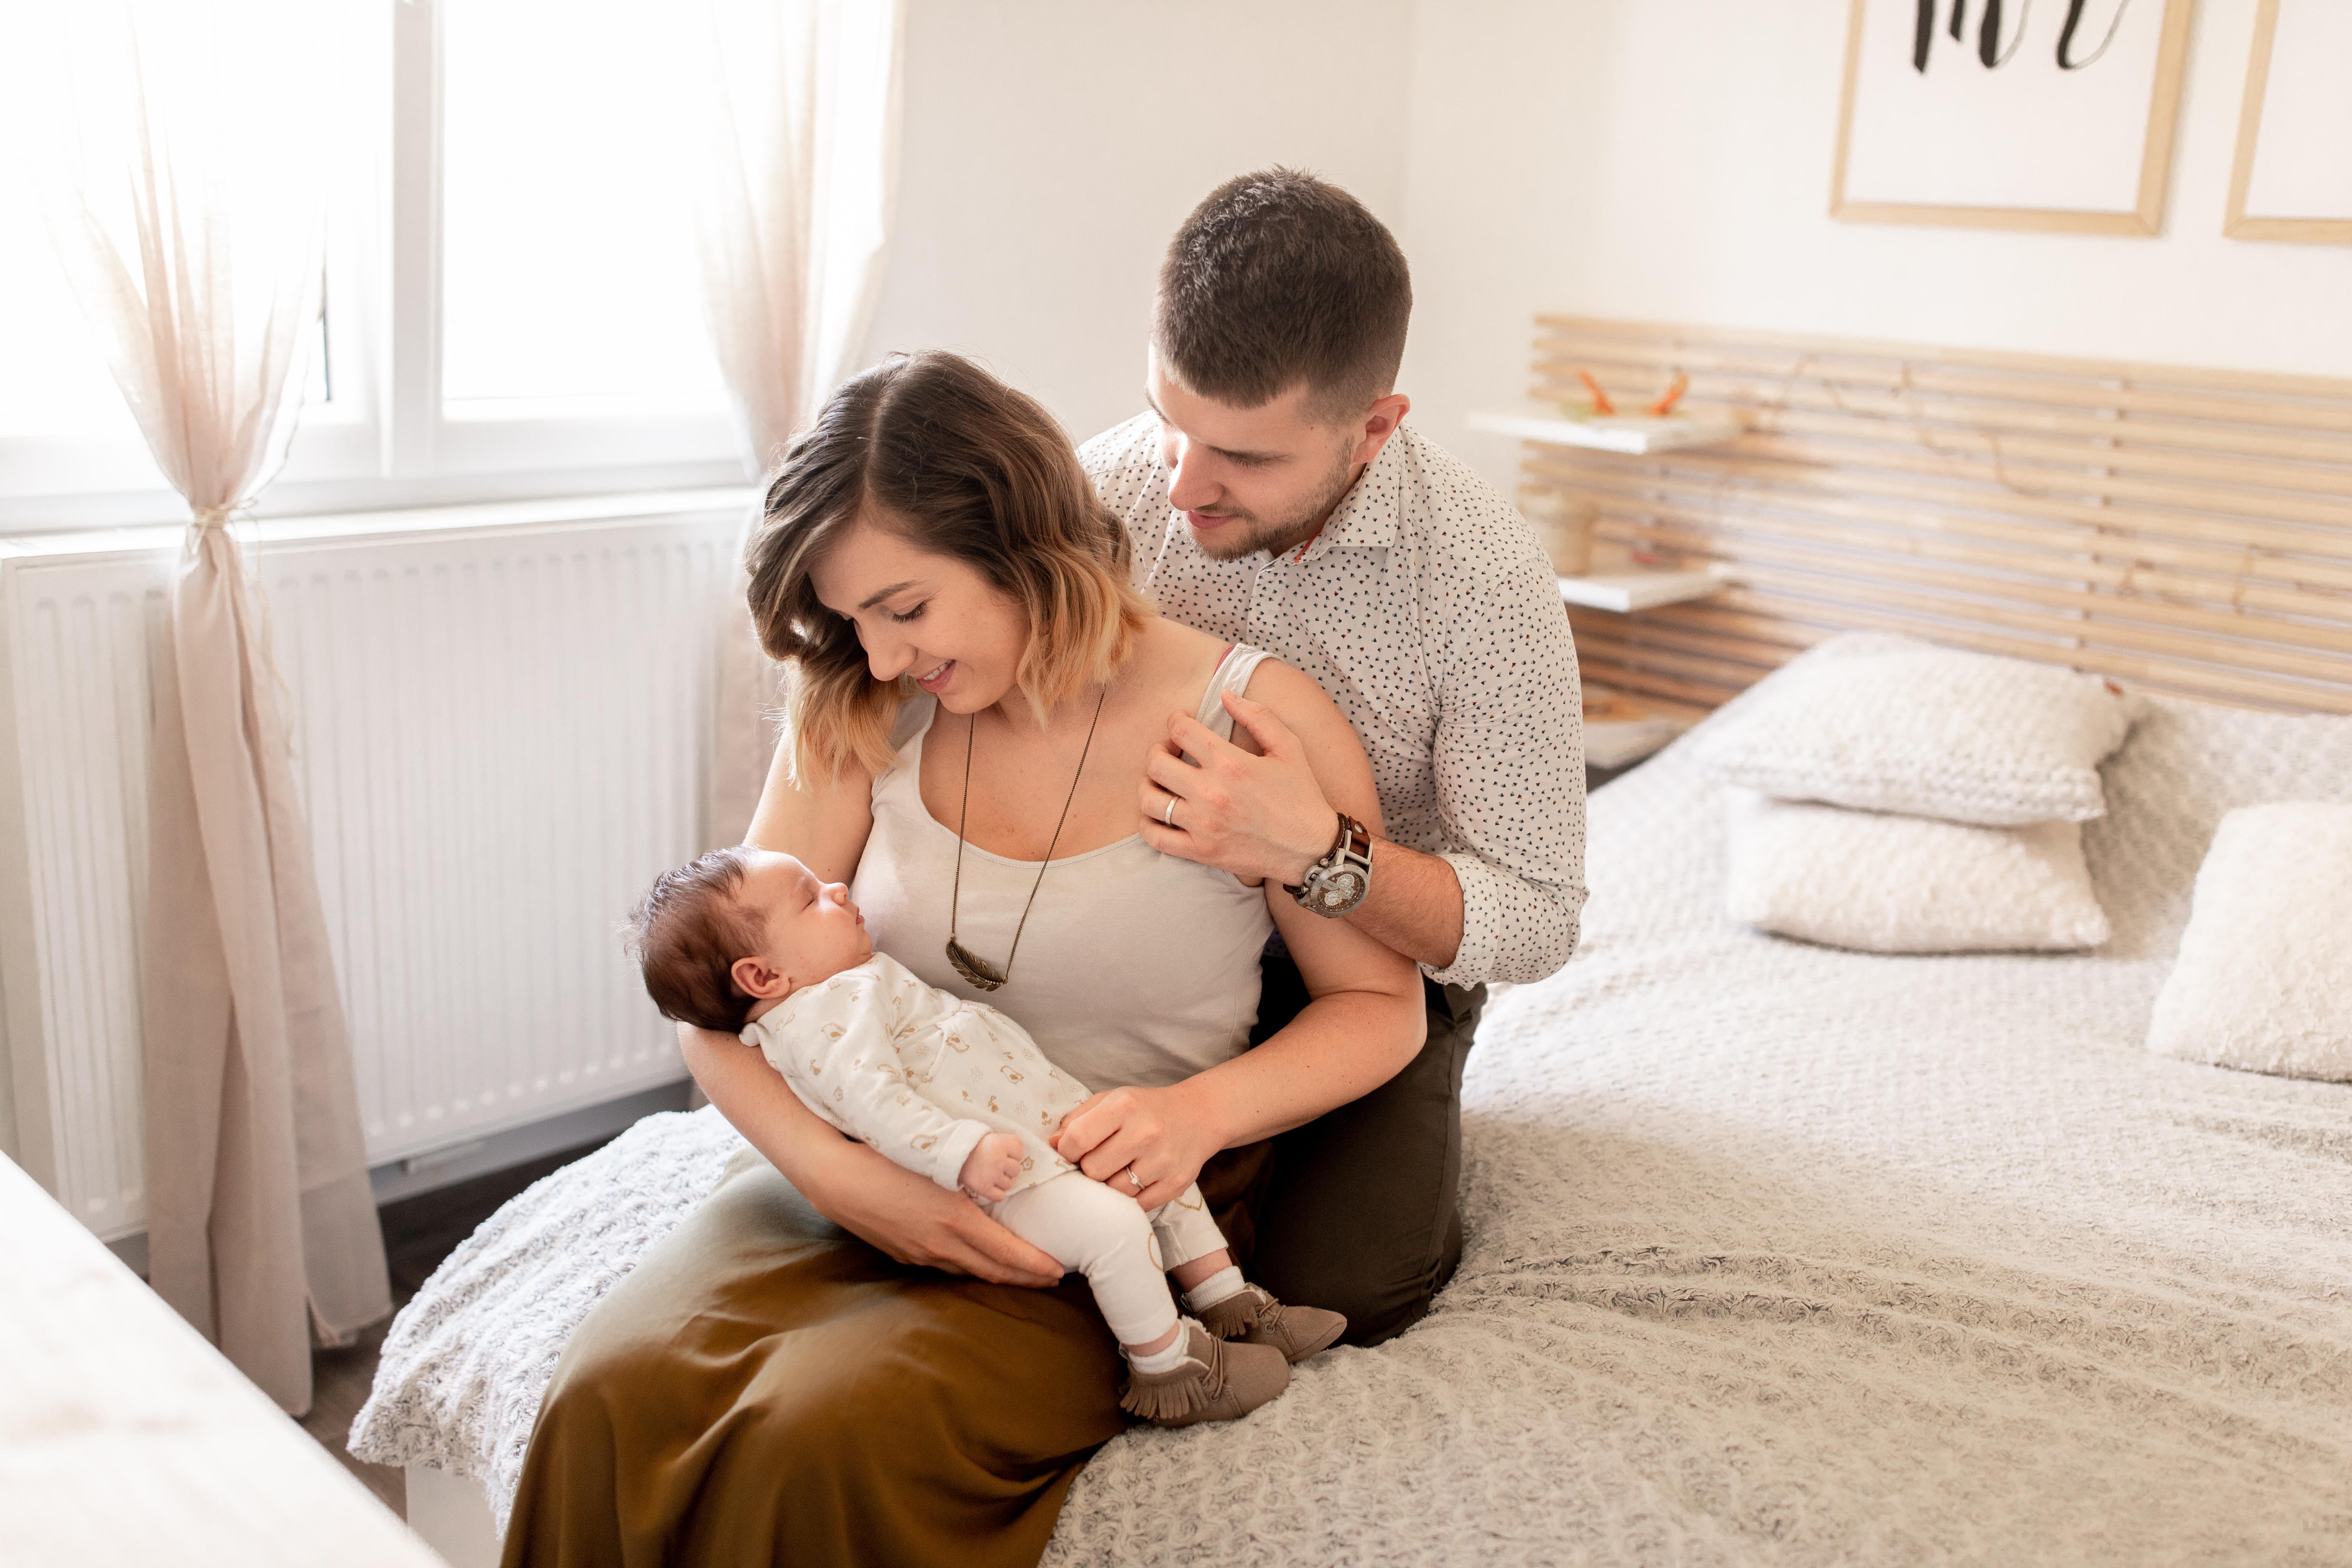 photographe grossesse lifestyle naissance reims bezannes bébé